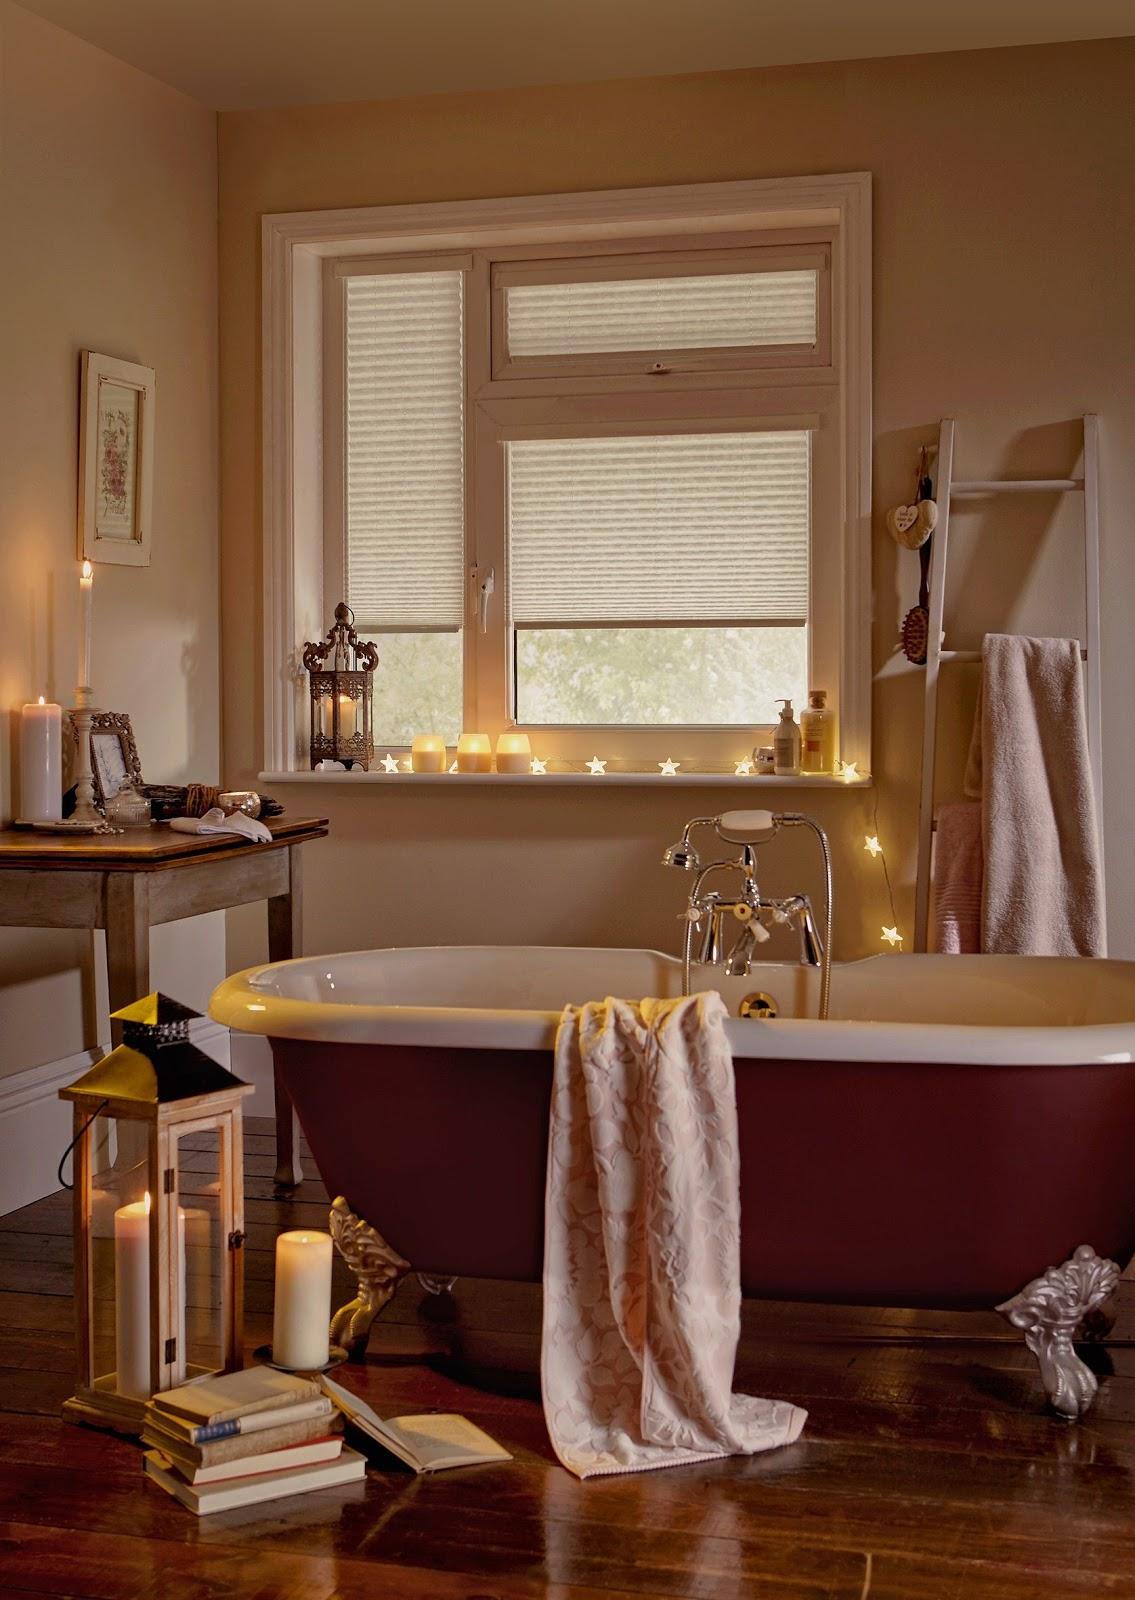 banheiro banheira velas